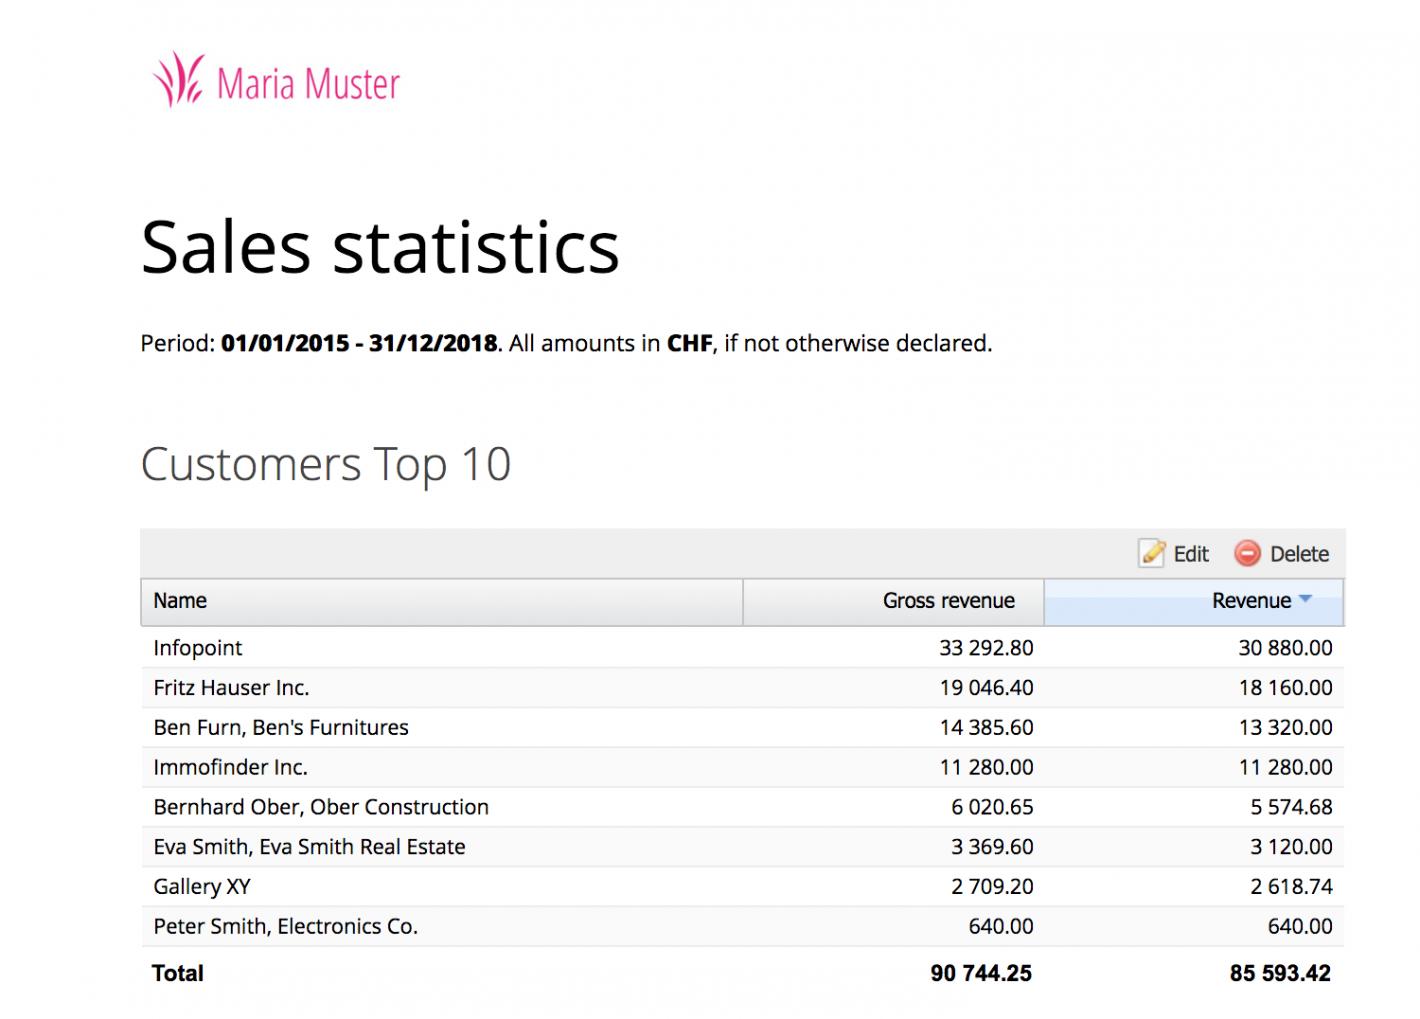 Sales statistics report